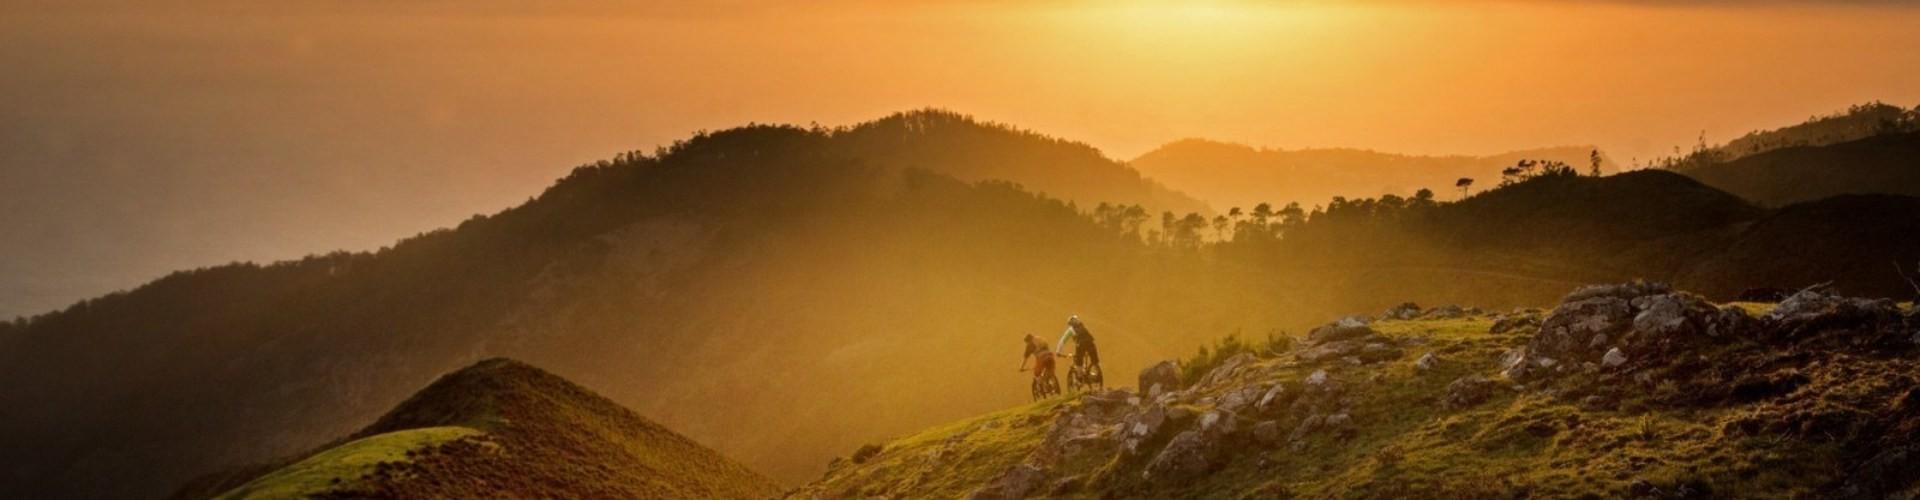 Ciclismo de Montanha na Ilha da Madeira